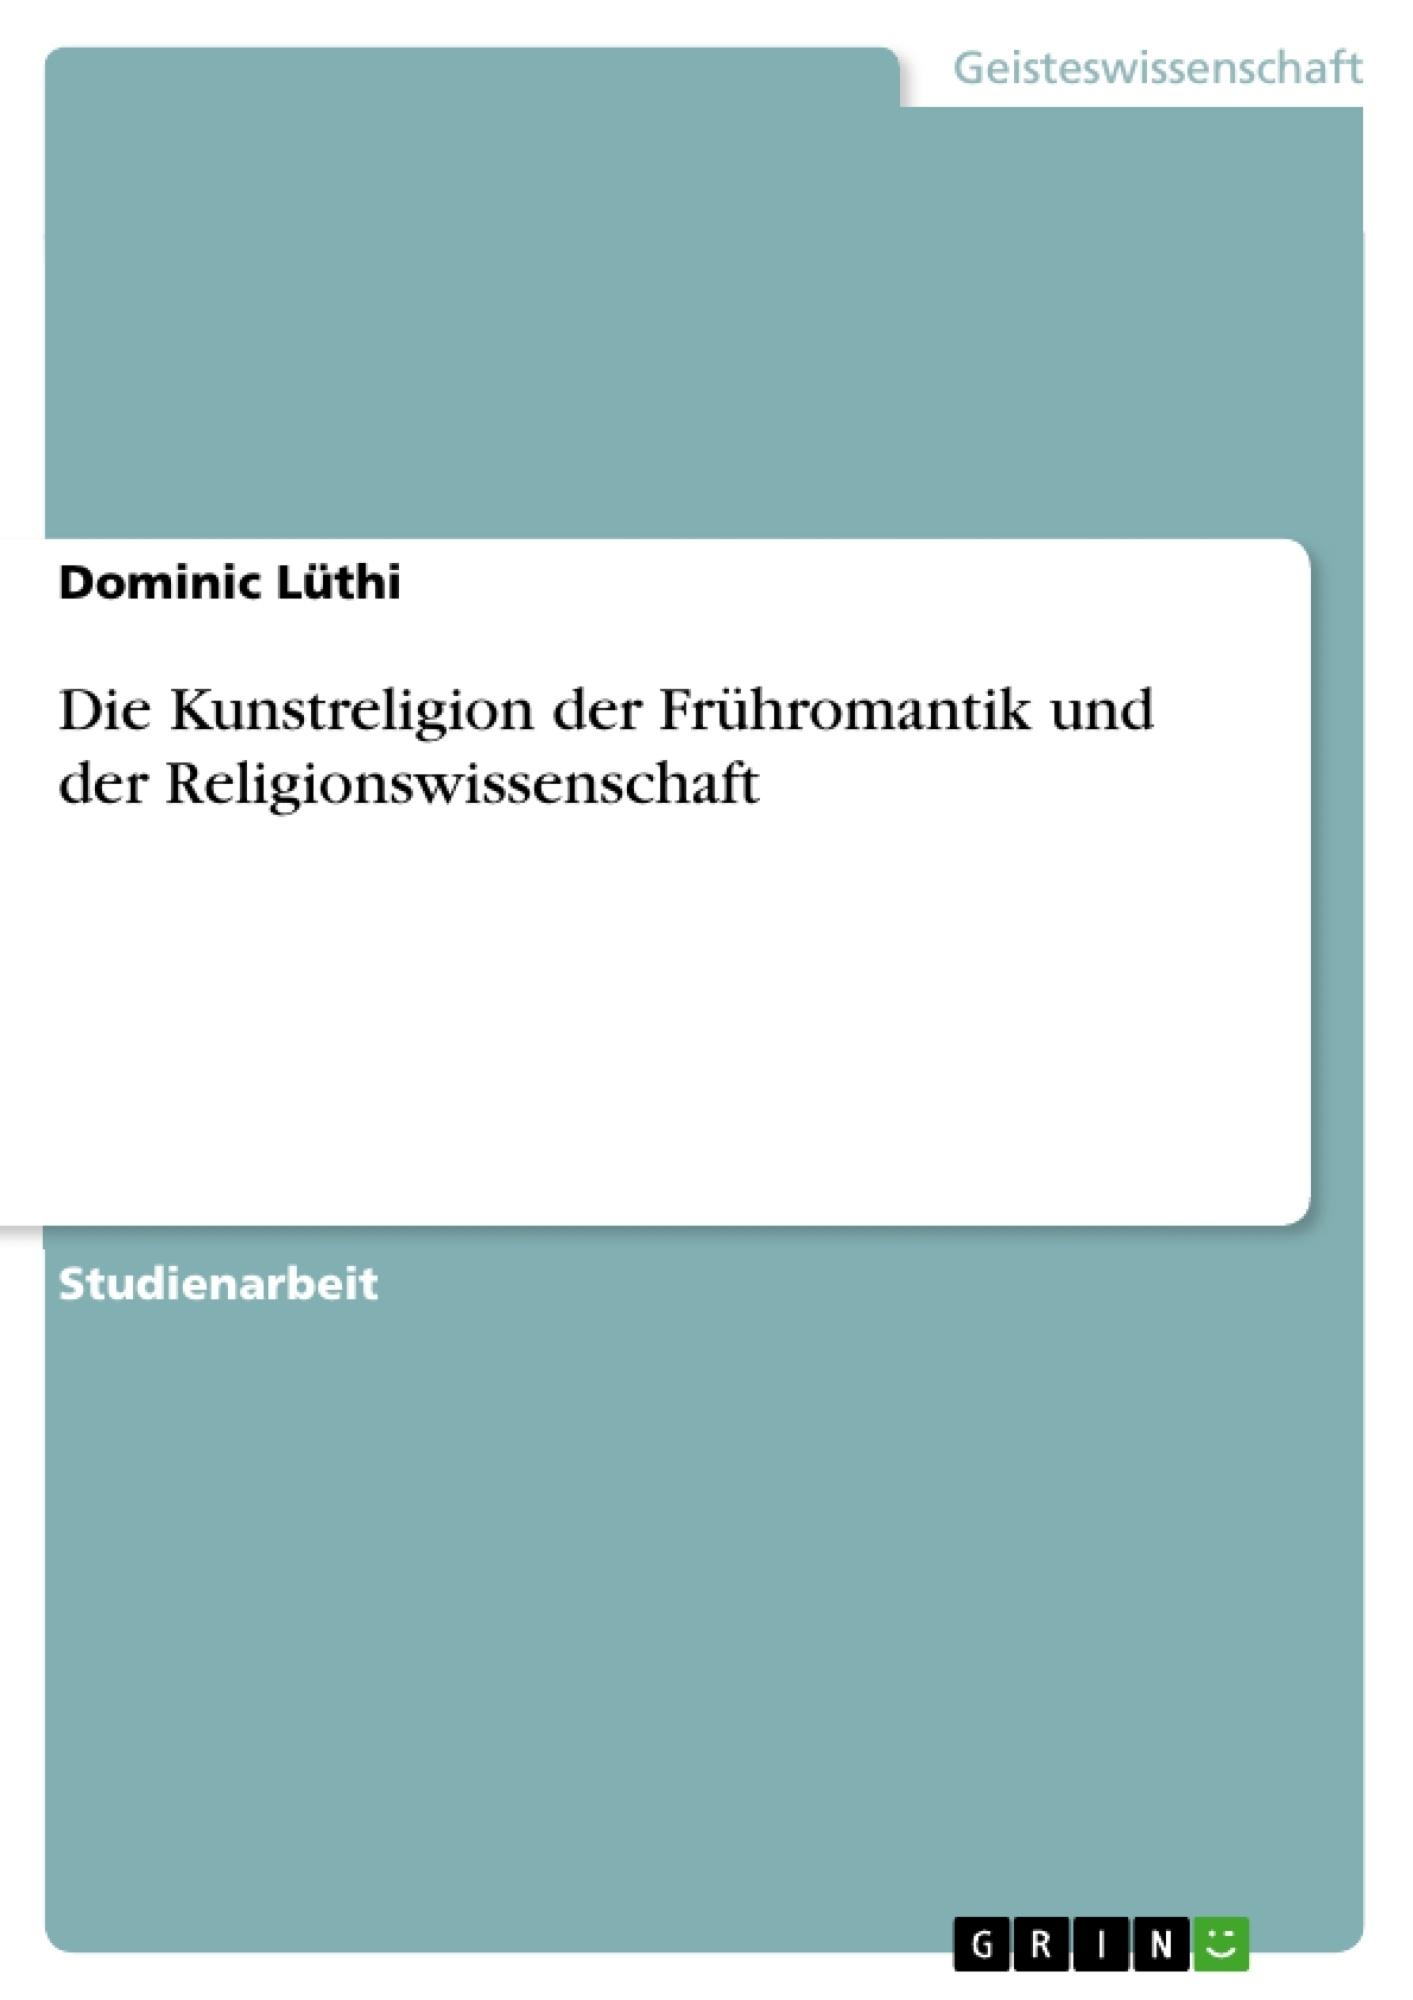 Titel: Die Kunstreligion der Frühromantik und der Religionswissenschaft